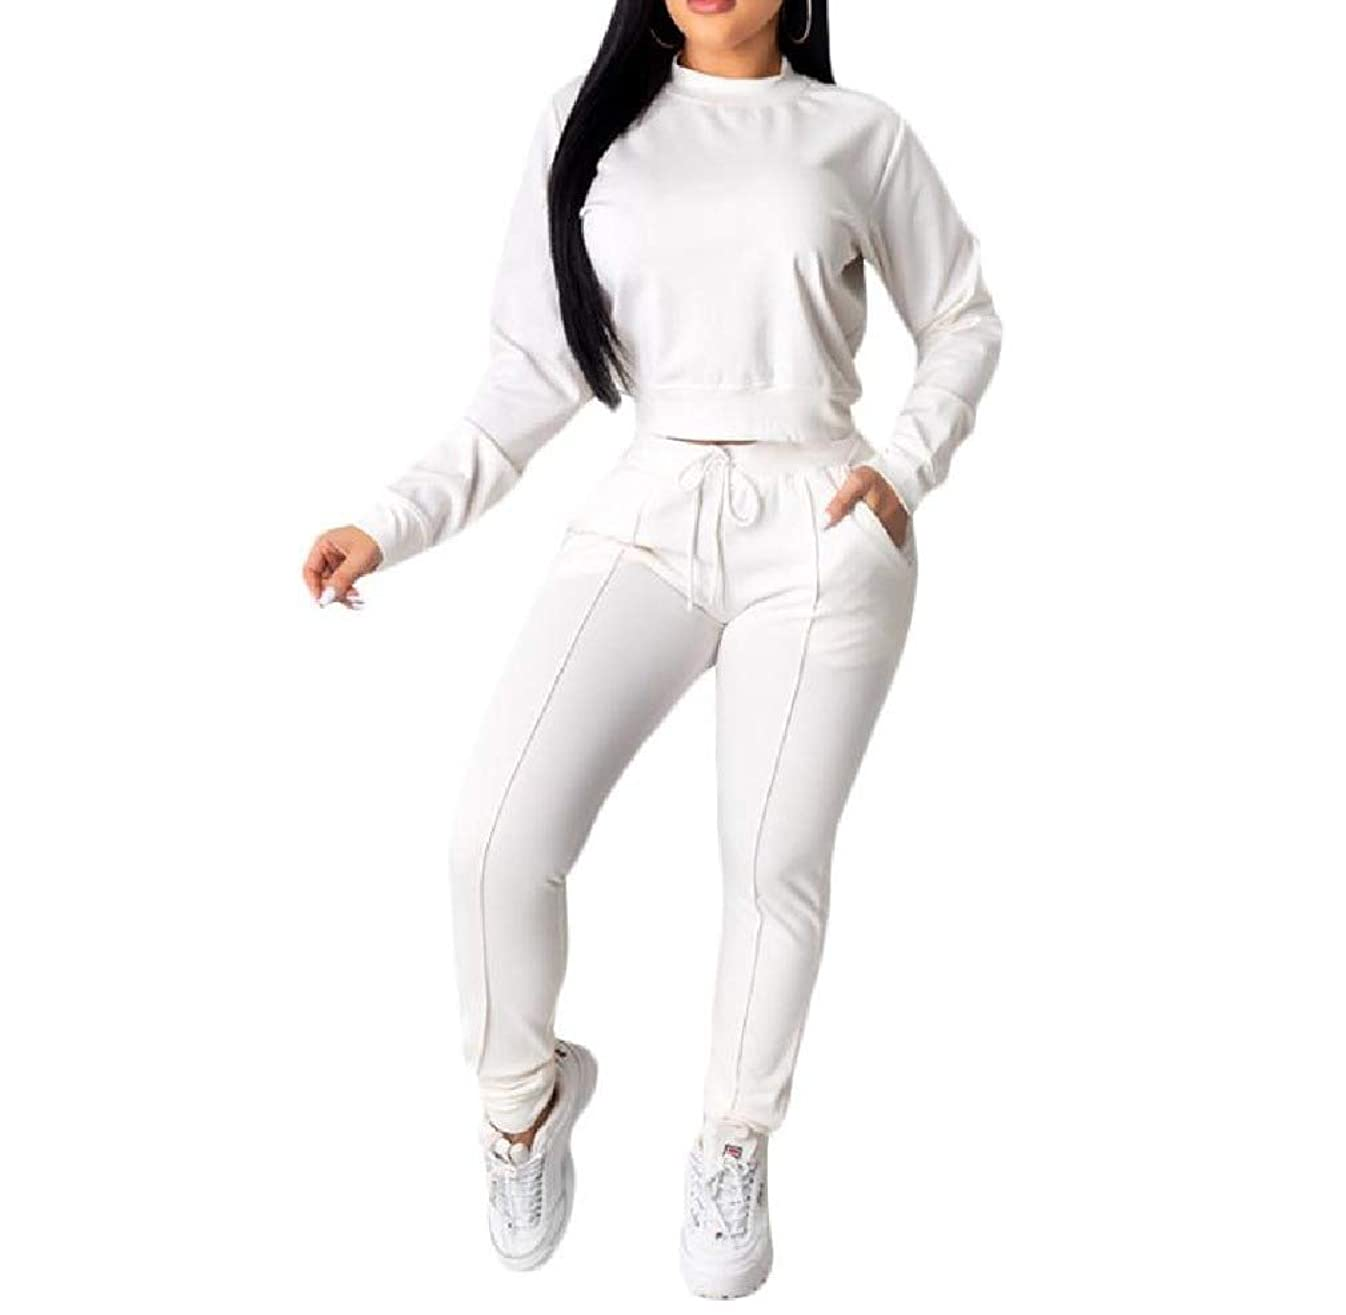 マウントバンク些細なロイヤリティVITryst Womens Two Piece Drawstring Solid Color Pockets Sweatshirt and Long Pants Tracksuit